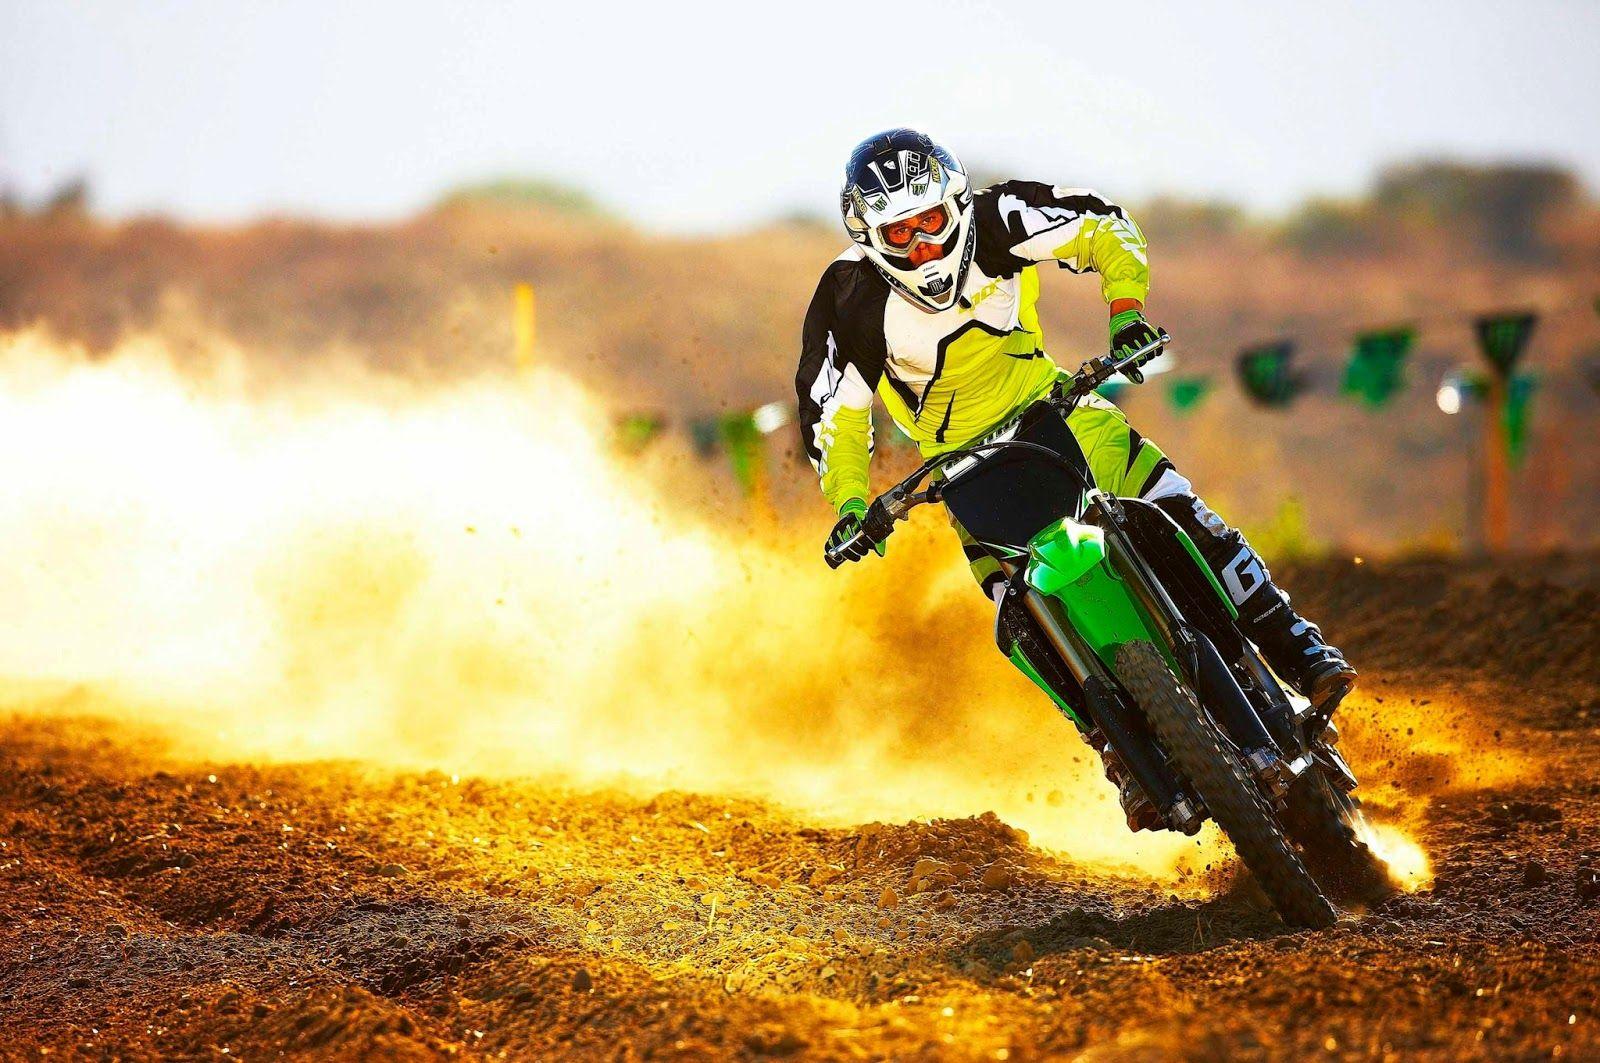 Excelente Colecao De Papeis De Parede Dirt Bikes Hd Images